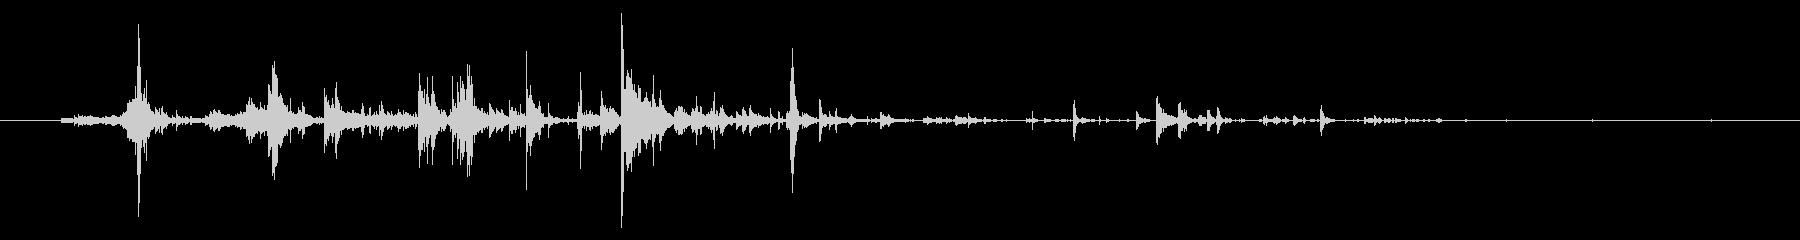 キーホルダーの音2の未再生の波形